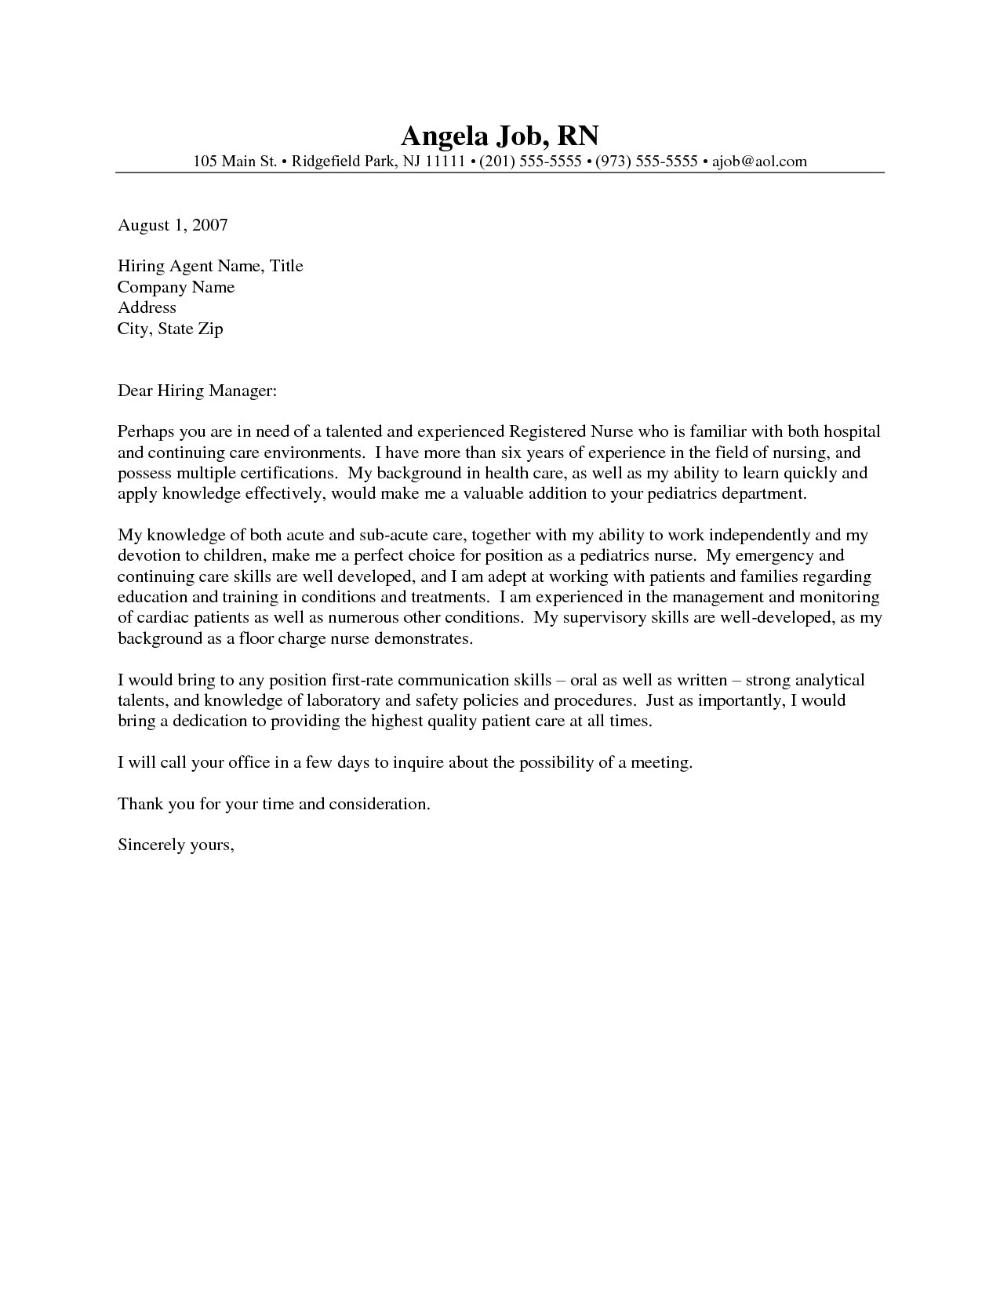 Nursing Cover Letter Template Ideas For Nurses Generic Excellent ...